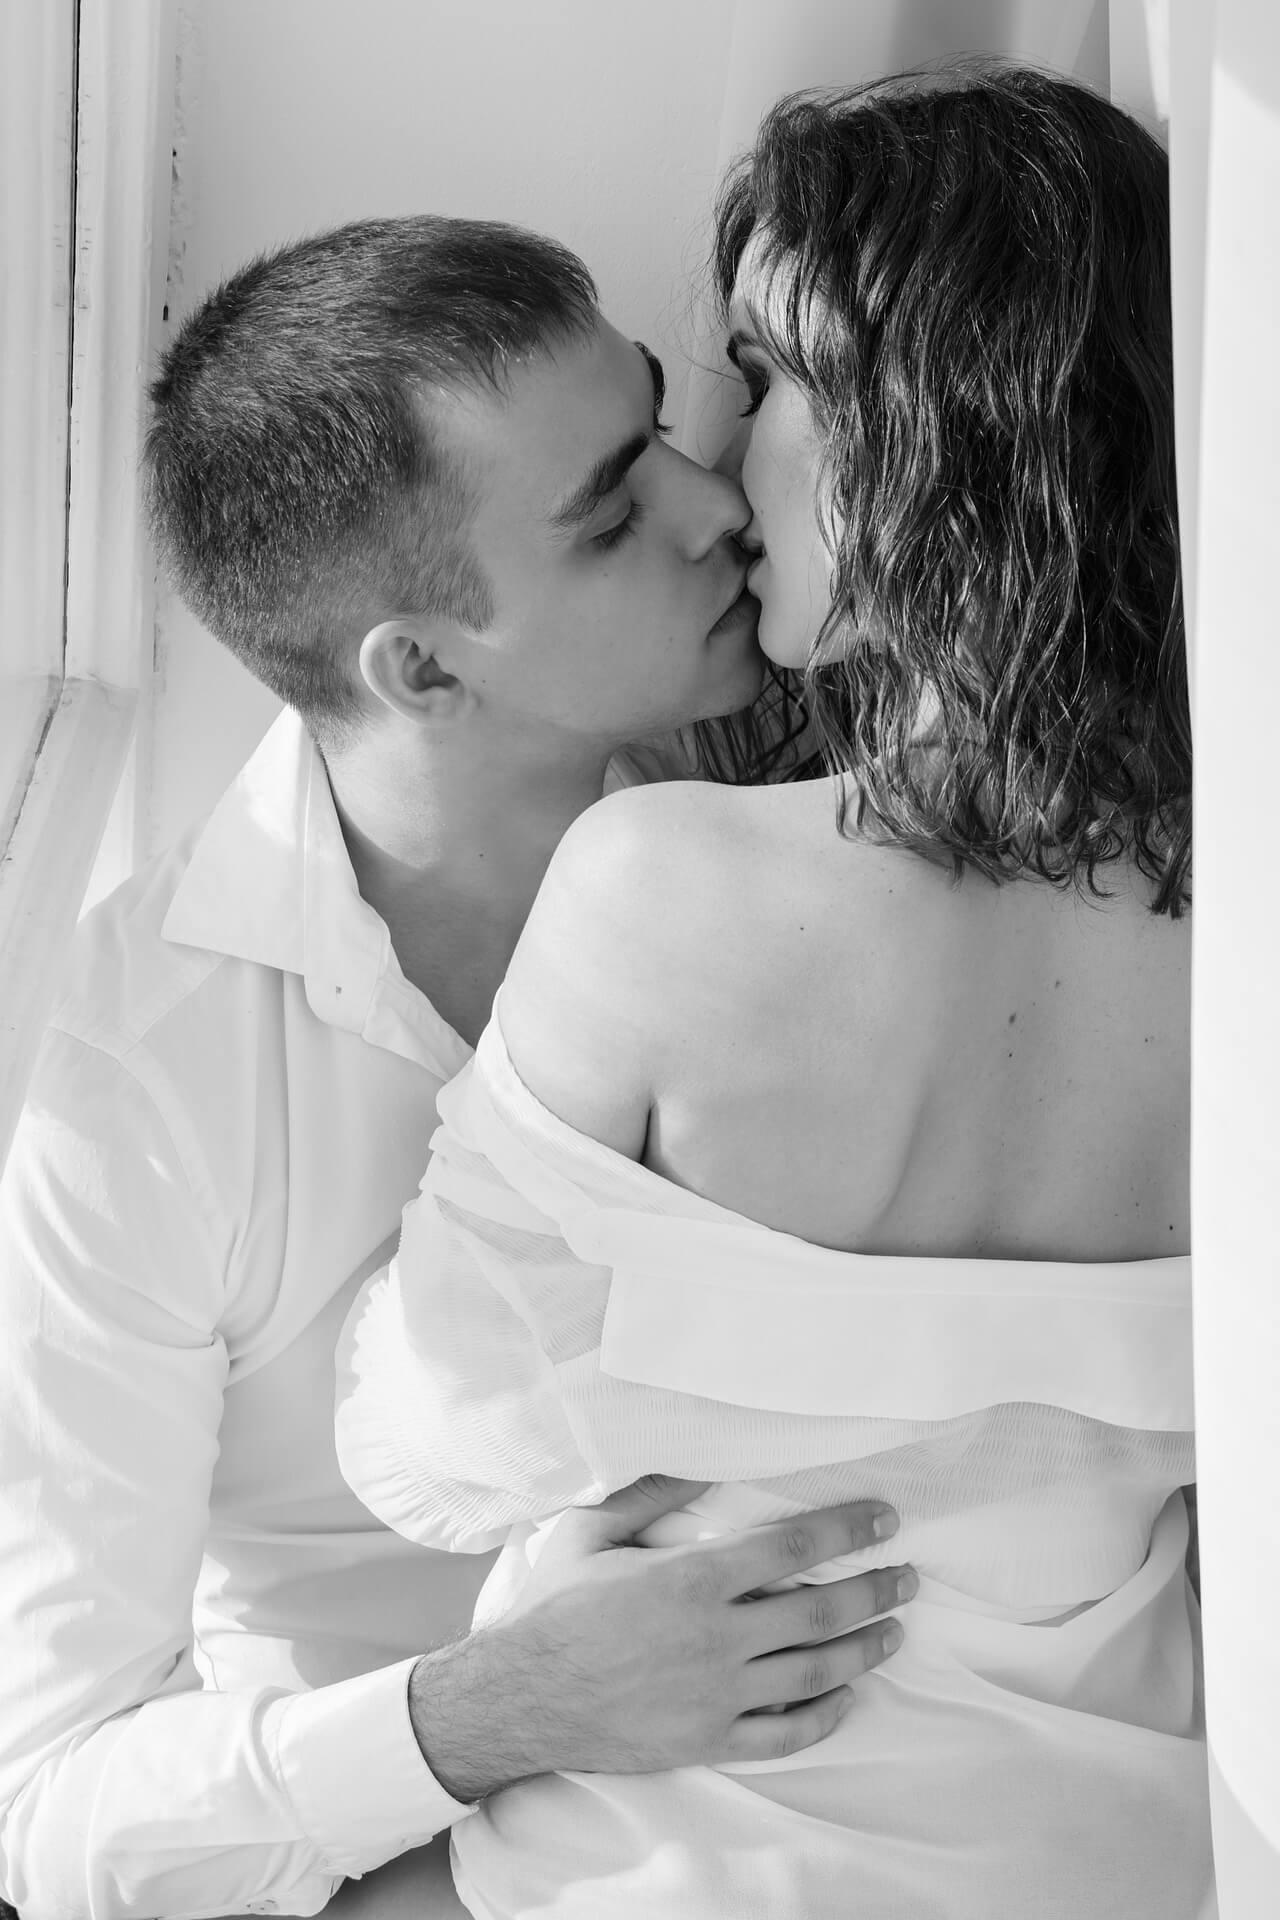 Liebe ohne Sex: Ein lebbares Konzept?